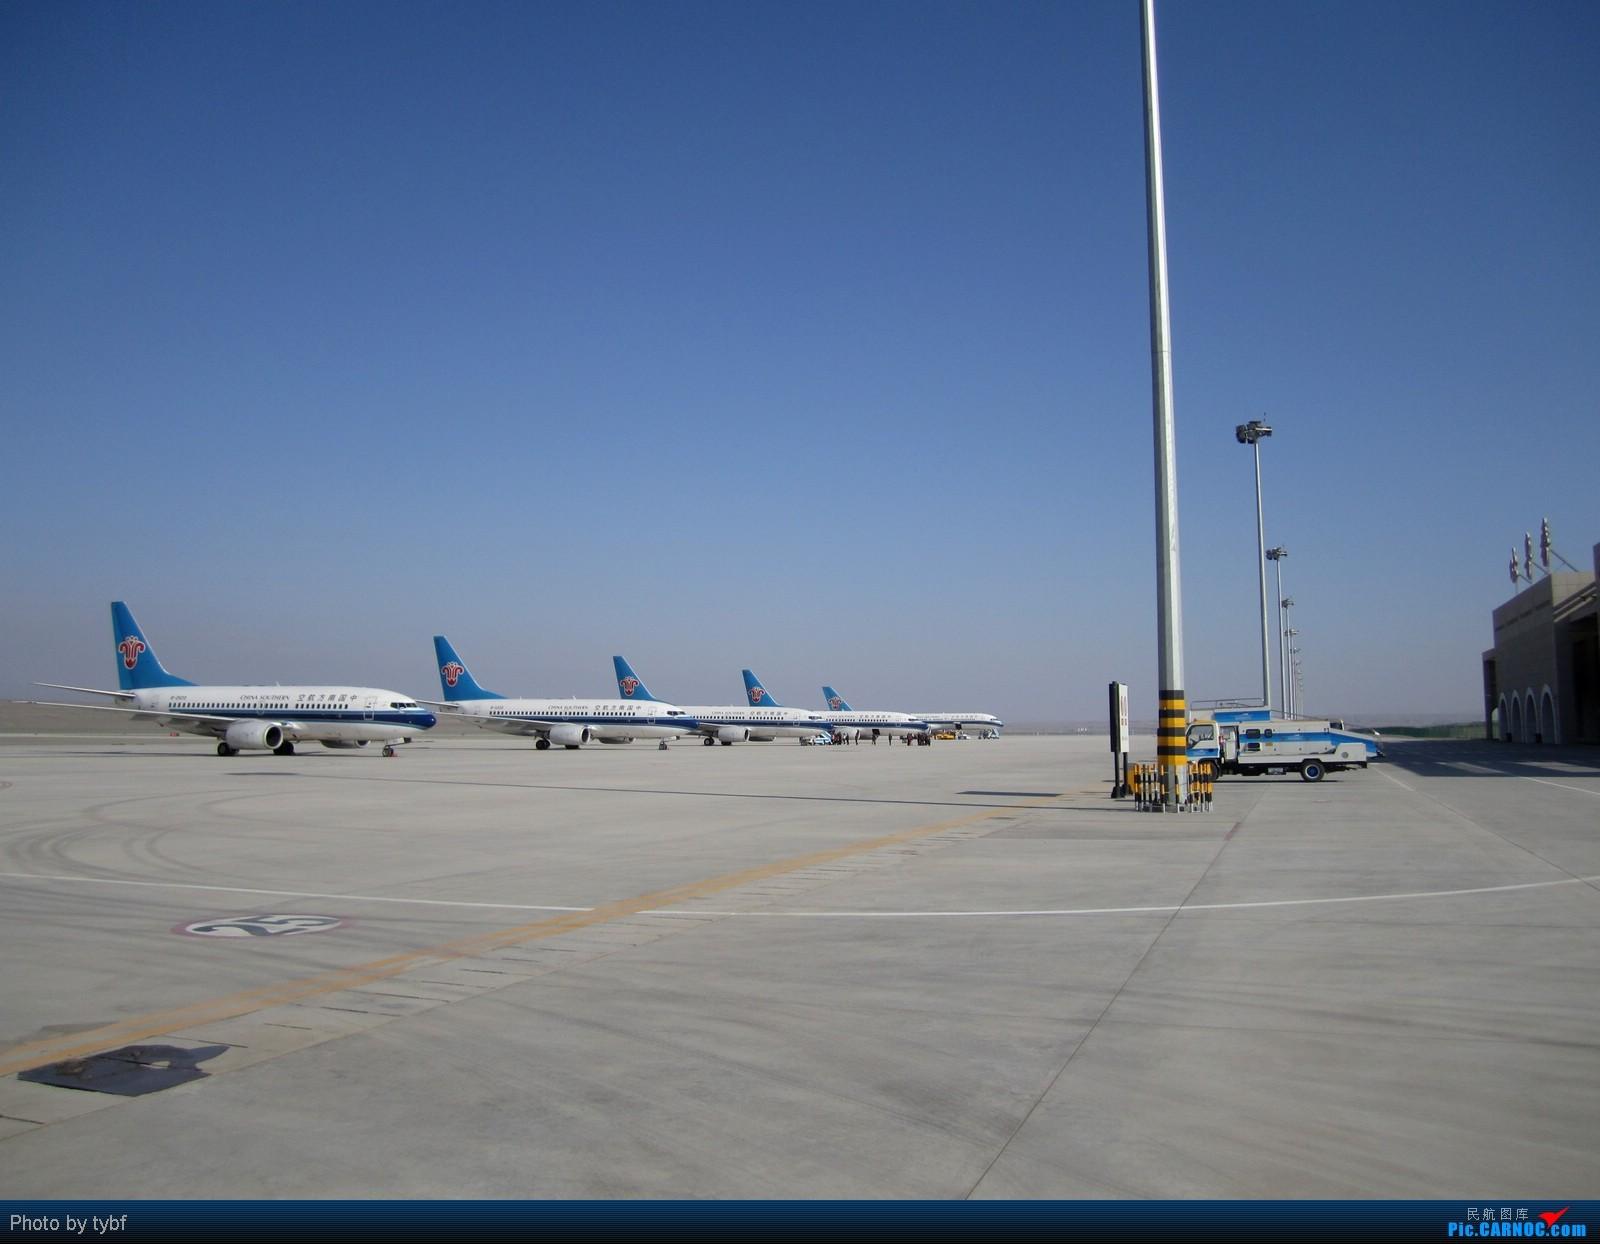 吐鲁番机场(乌鲁木齐主备降场)